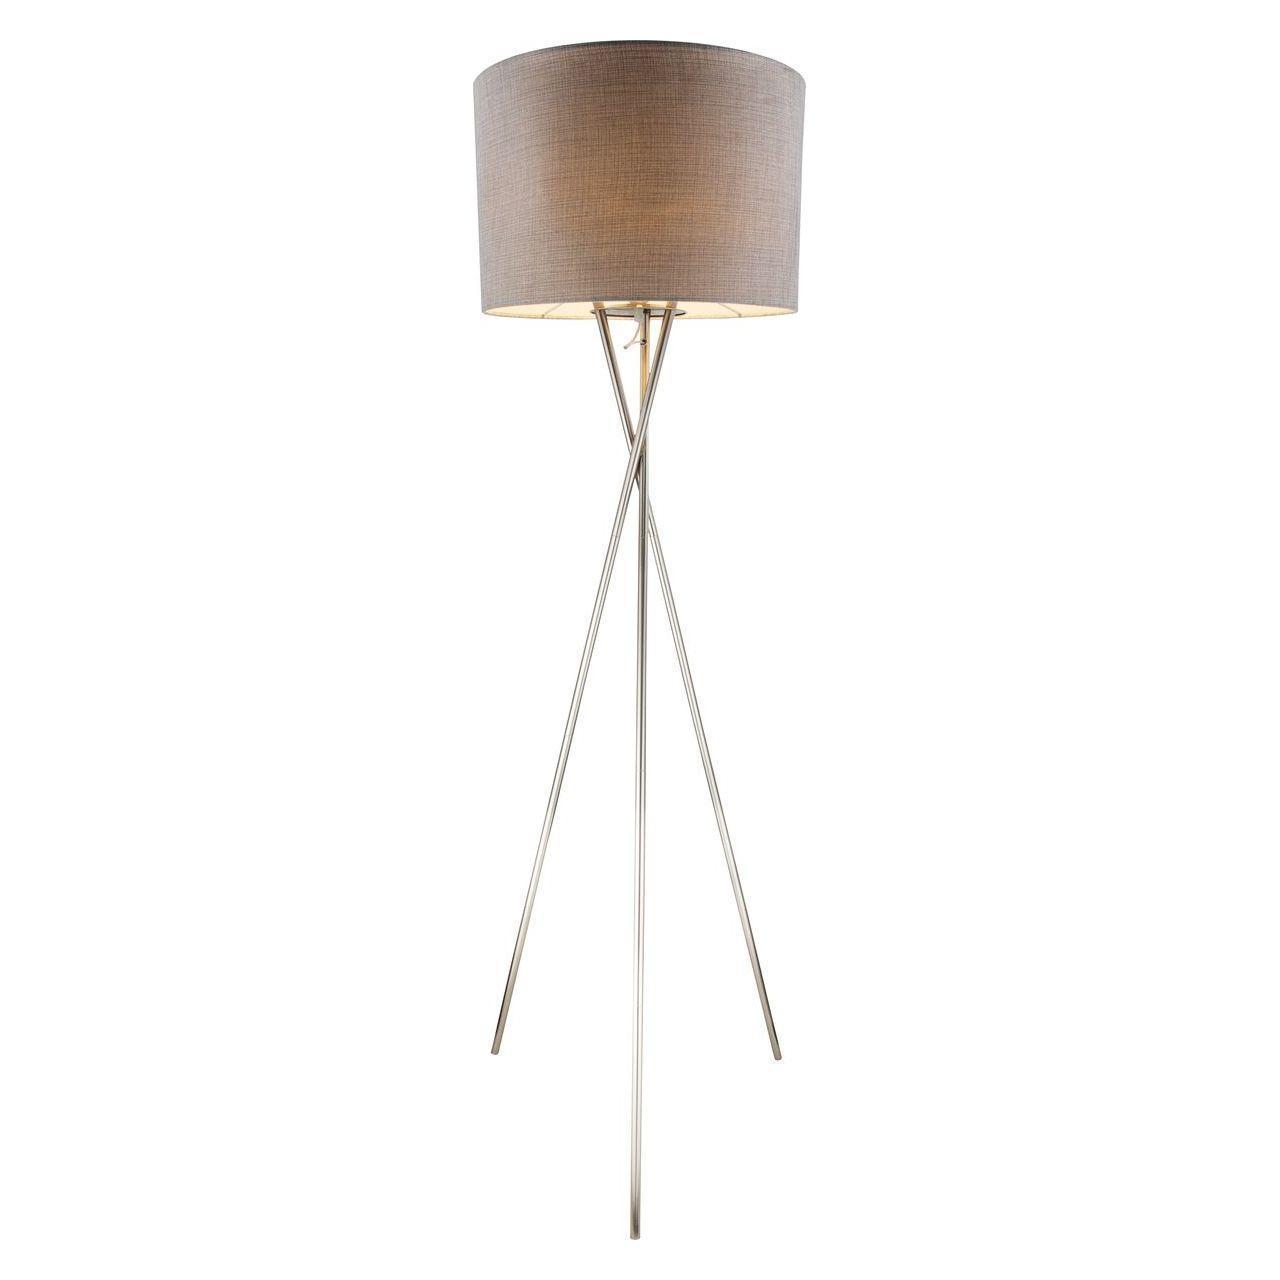 Купить светильники Arte Lamp (Арте Ламп) в интернет